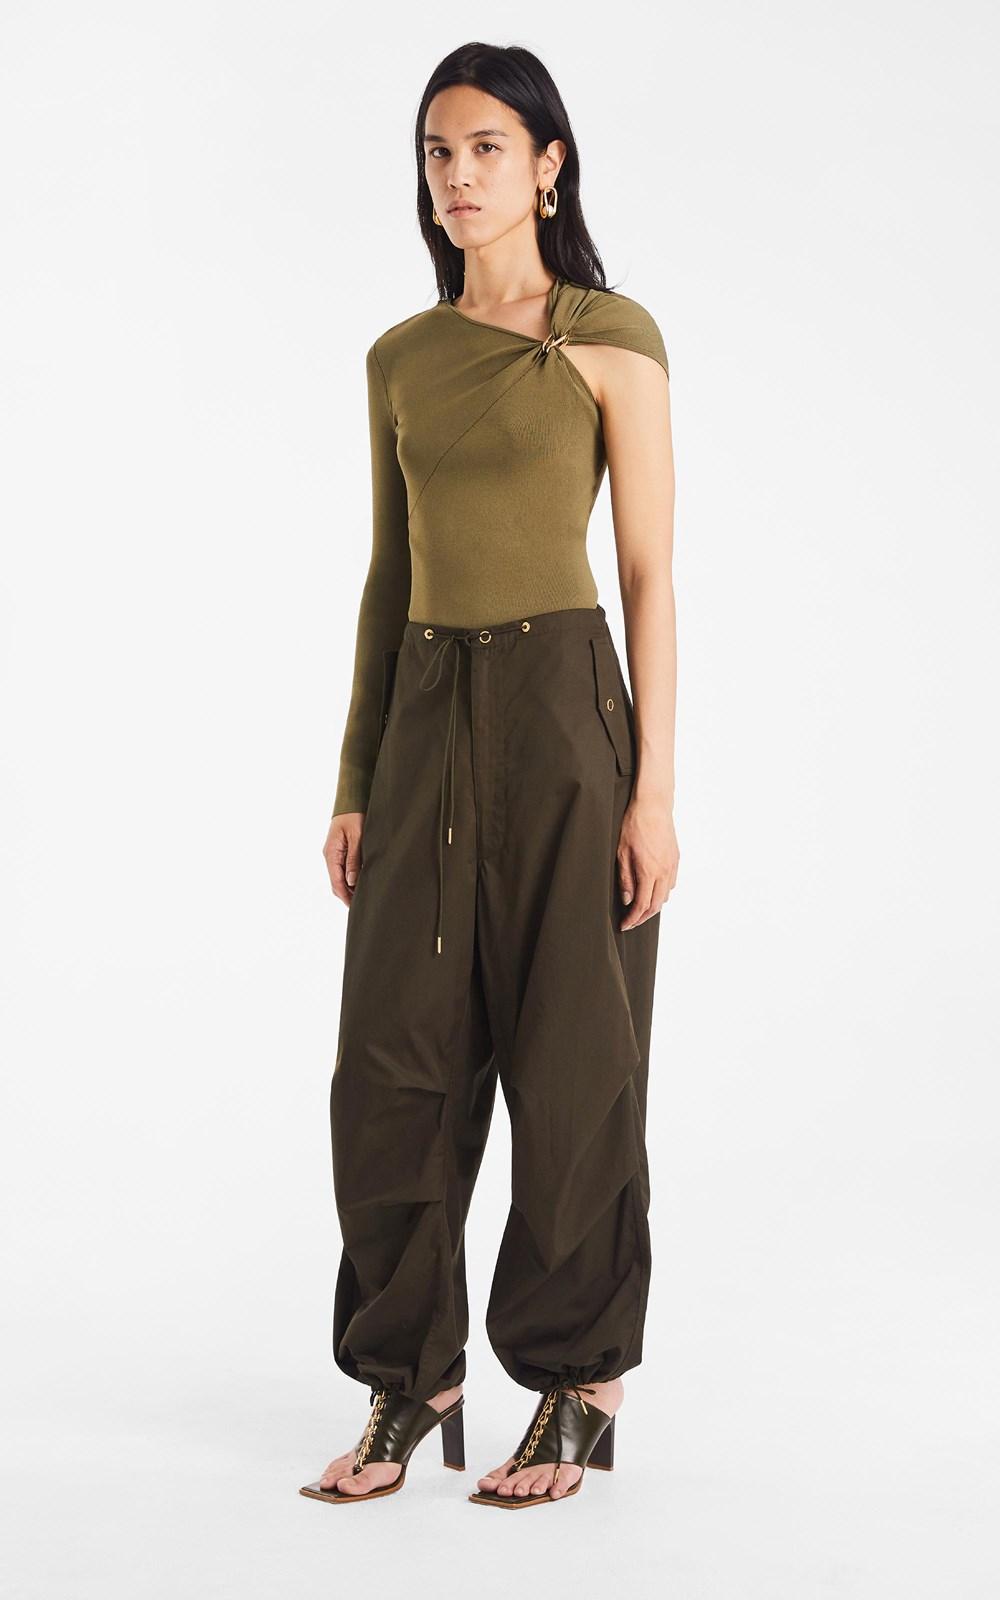 Knitwear | SINGLE LINK KNIT TOP